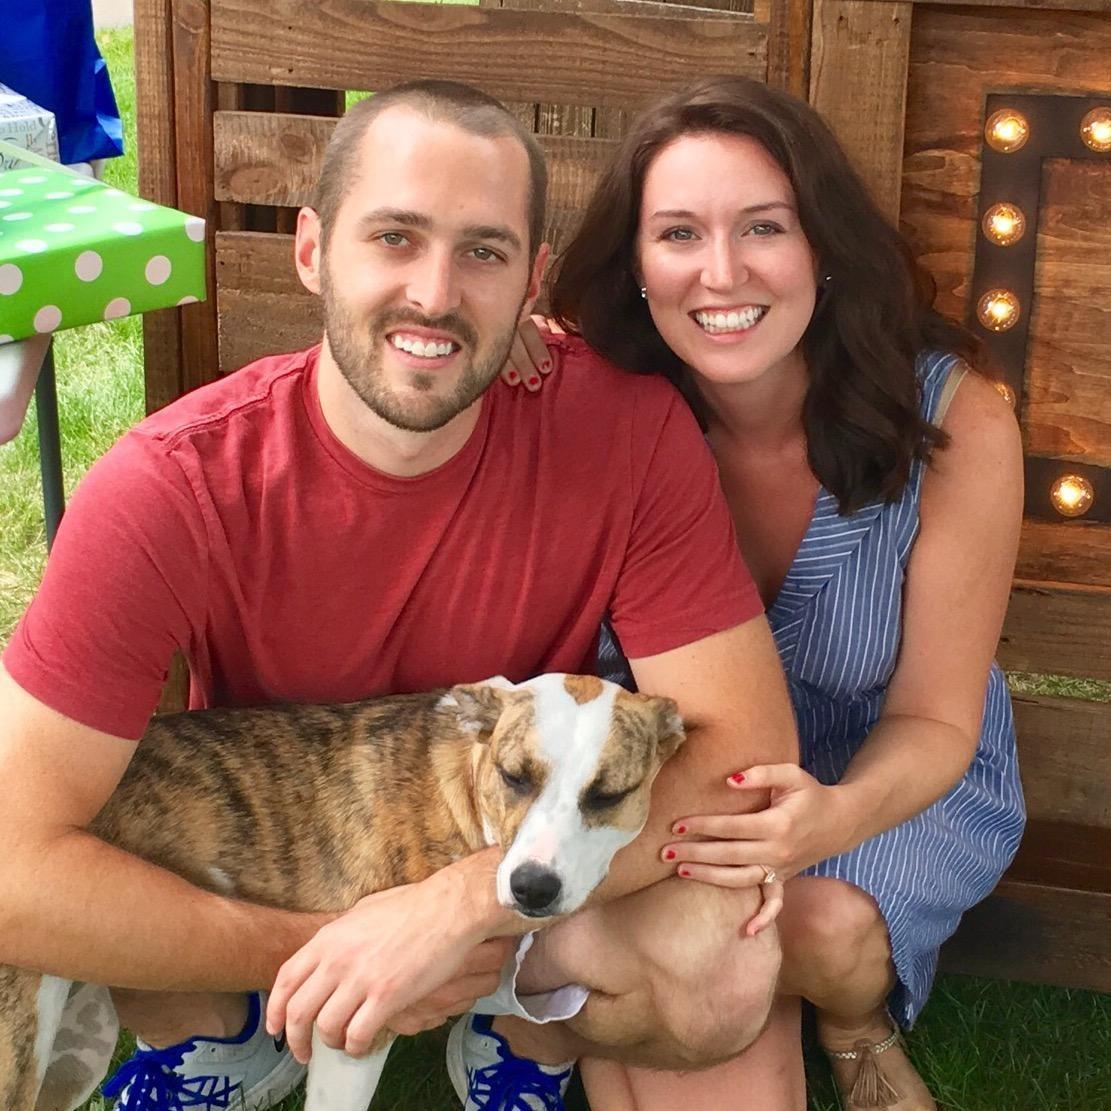 pet sitter Jill and Tim